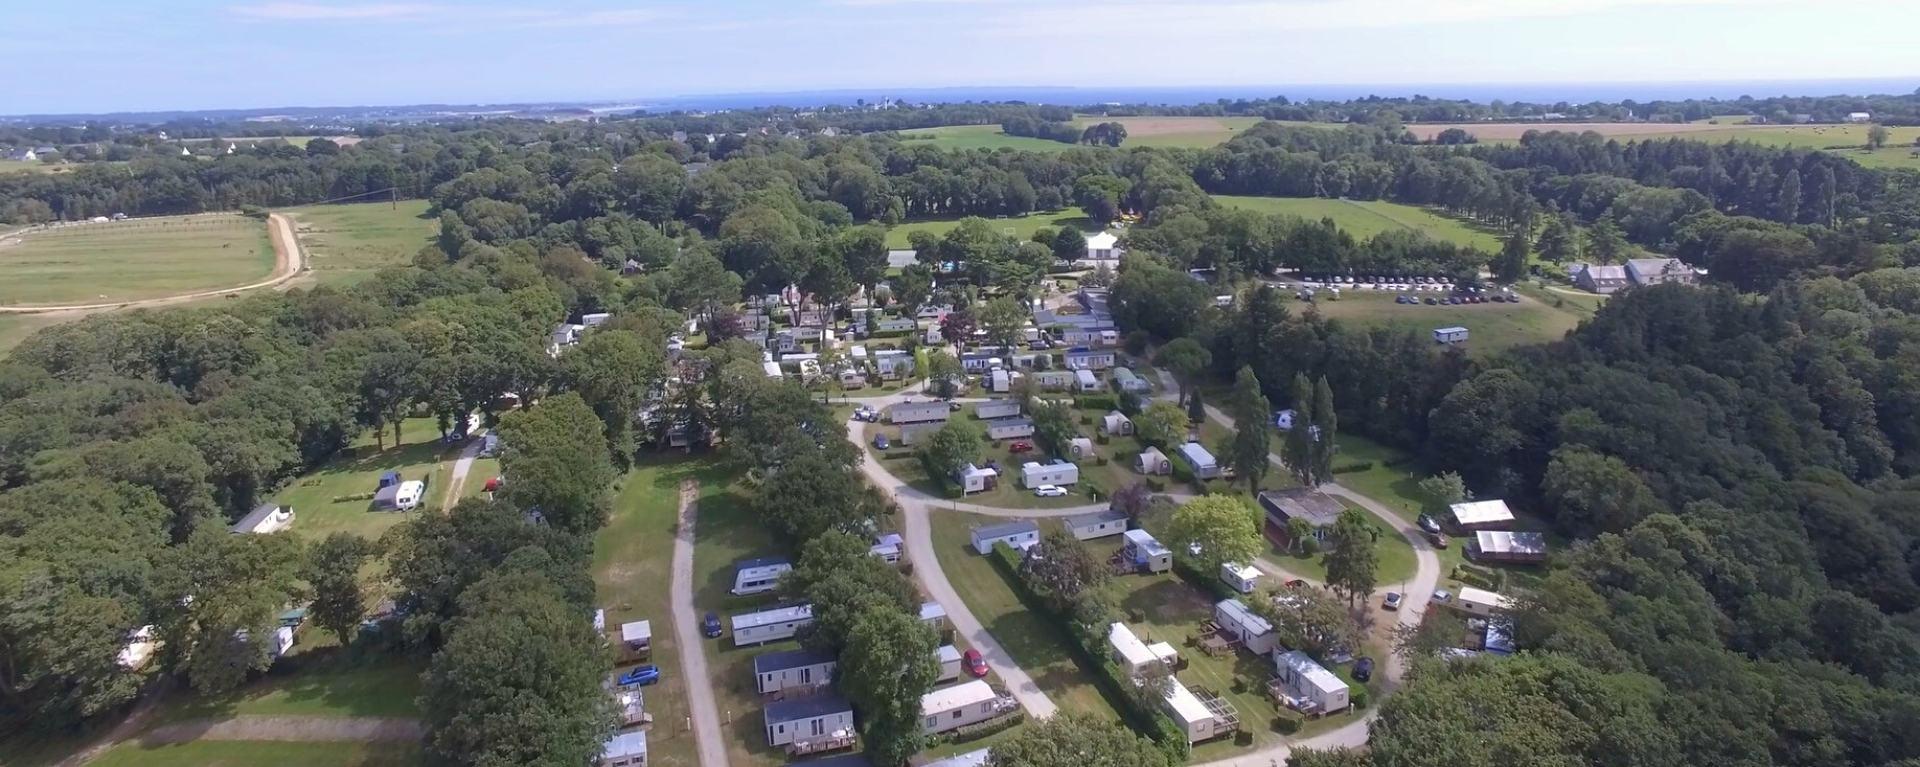 Vue aerienne des emplacement en camping à Clohars Carnoët